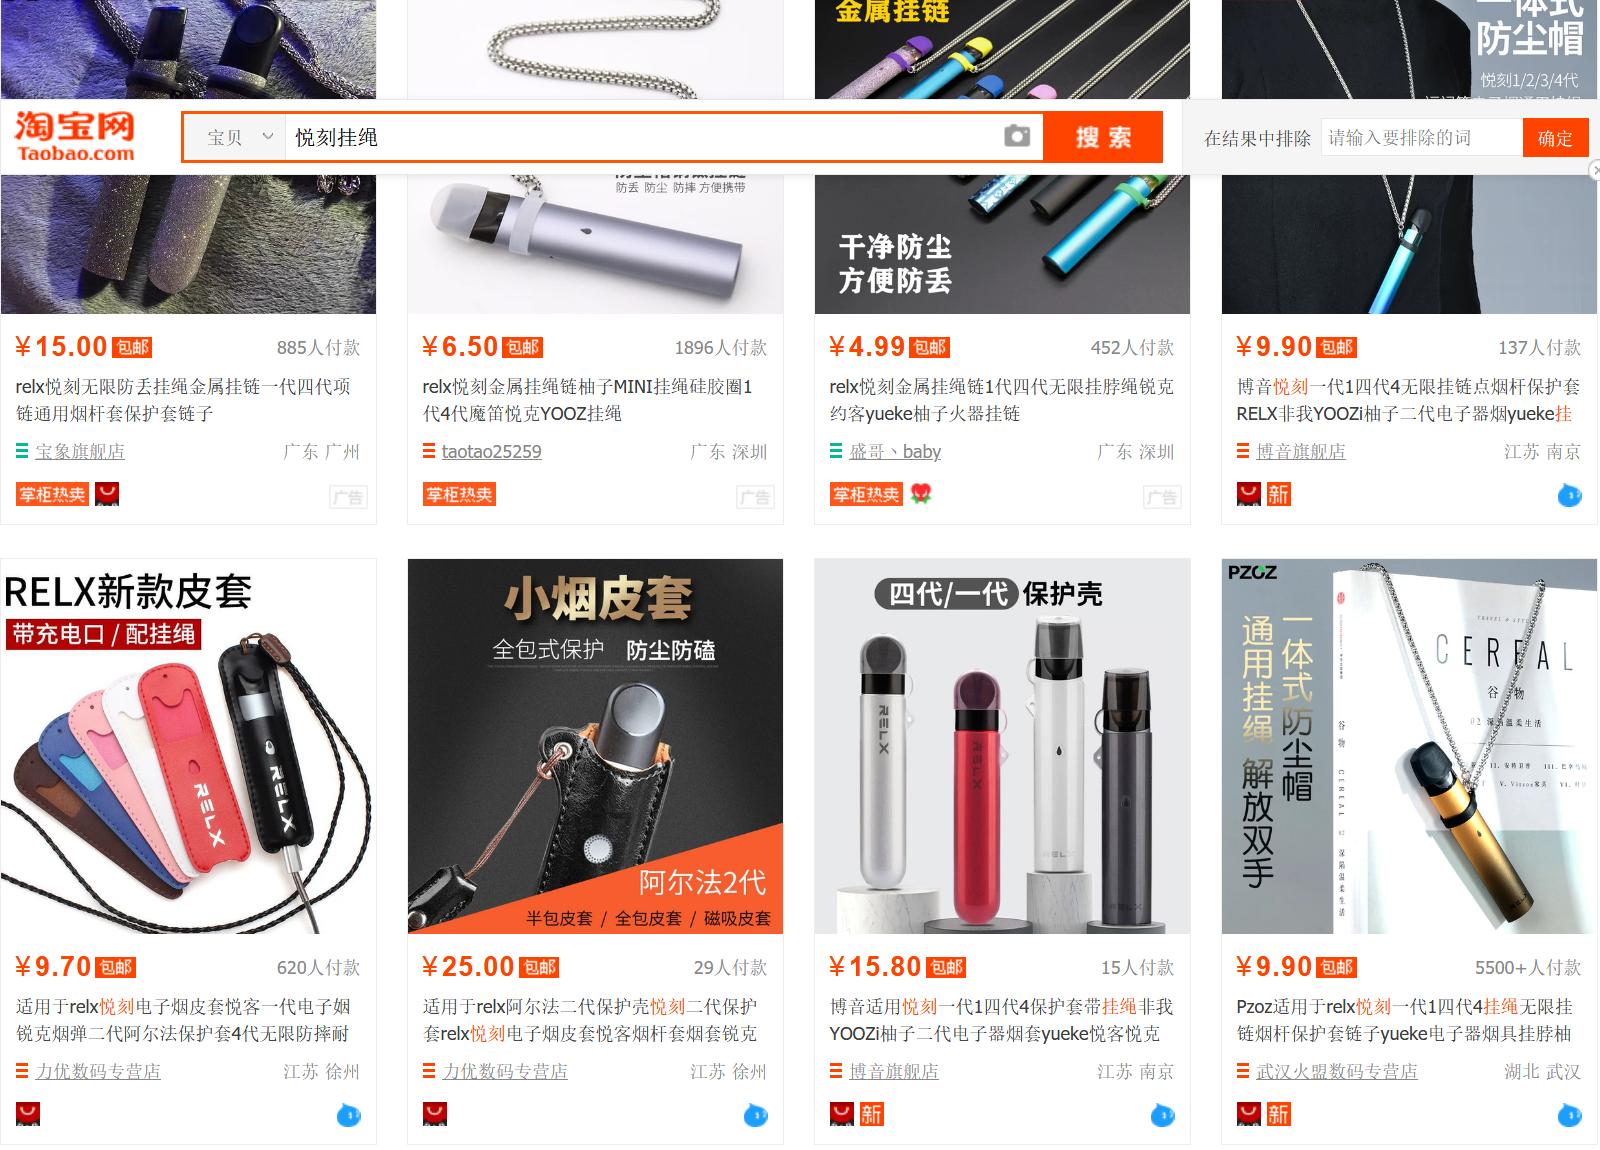 众多网购平台换马甲售卖电子烟配件背后的真相